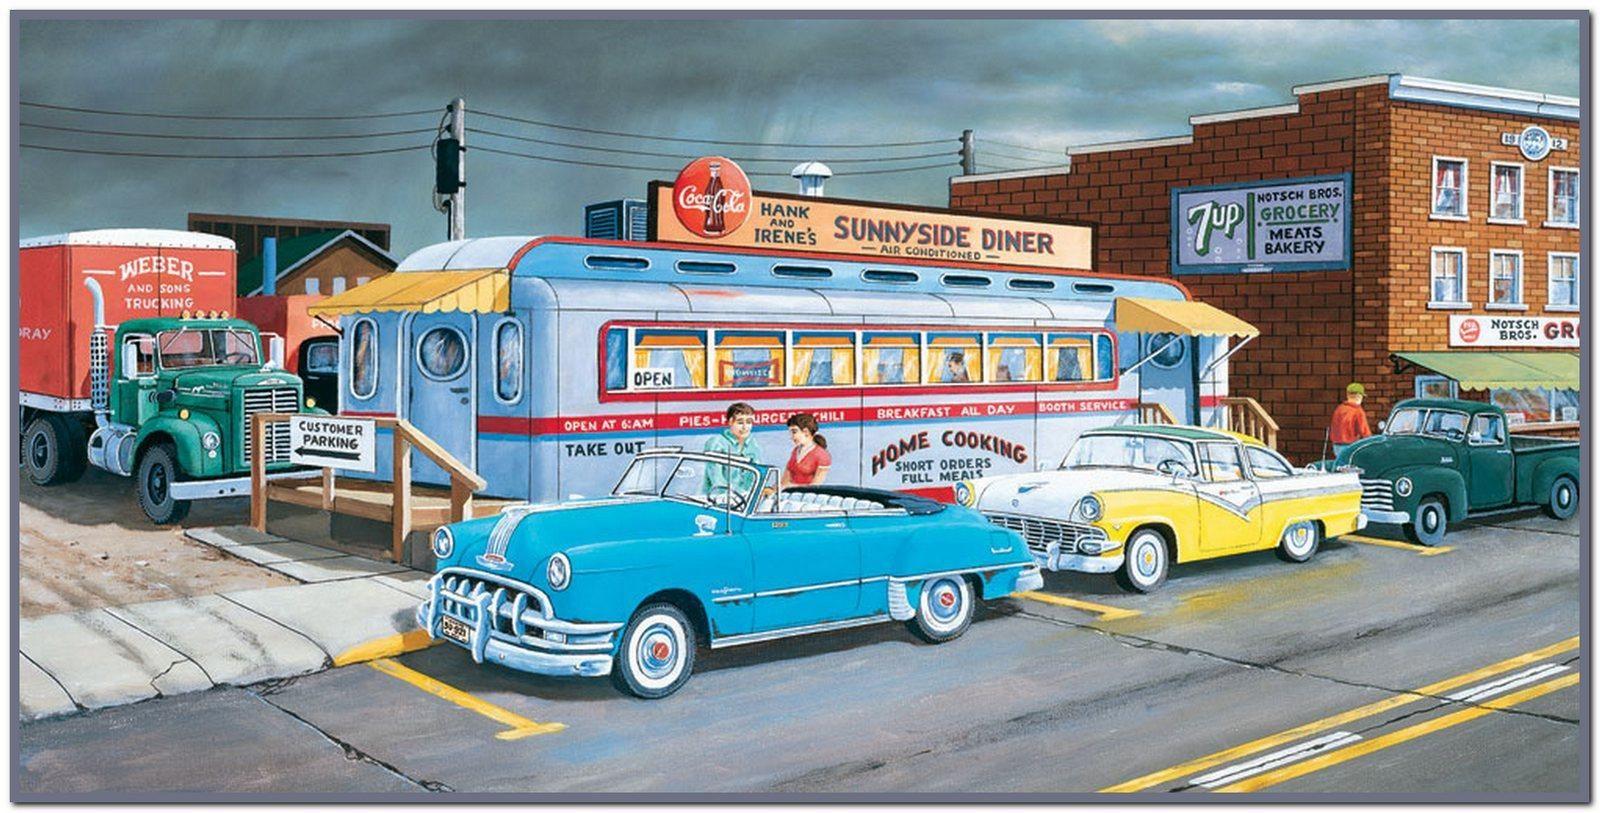 American Diner Wallpaper - WallpaperSafari